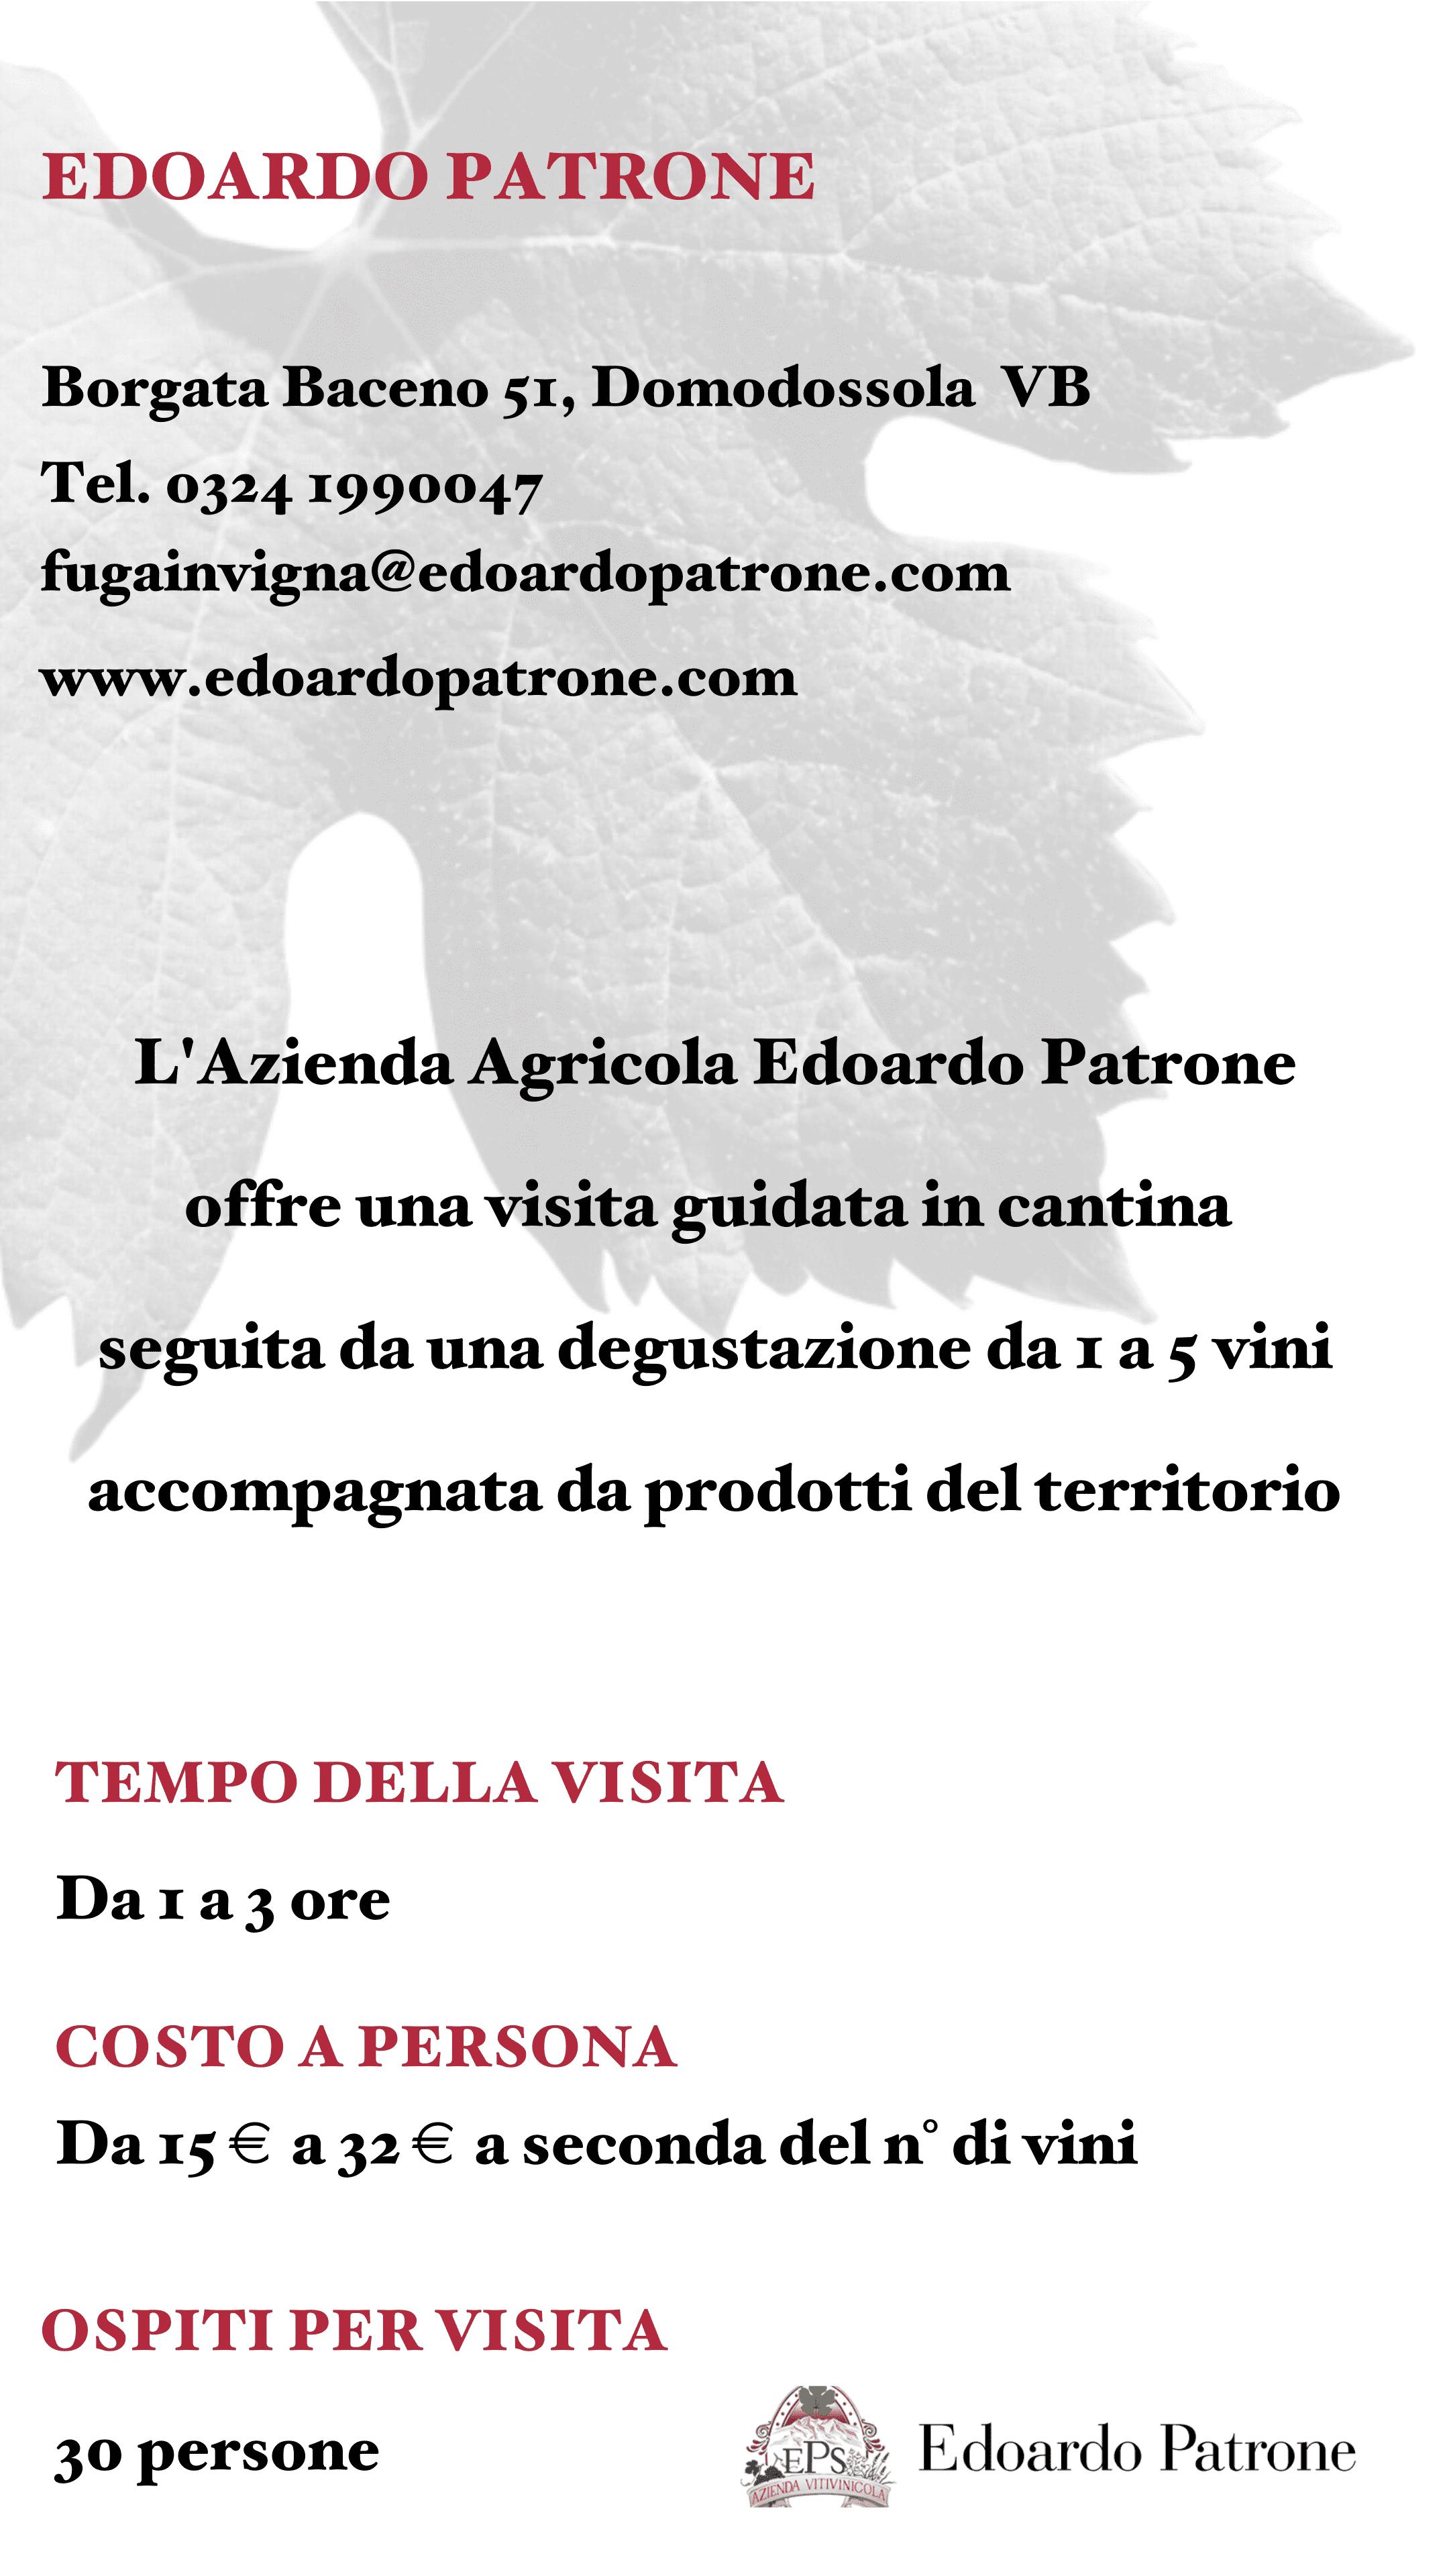 Edoardo Patrone